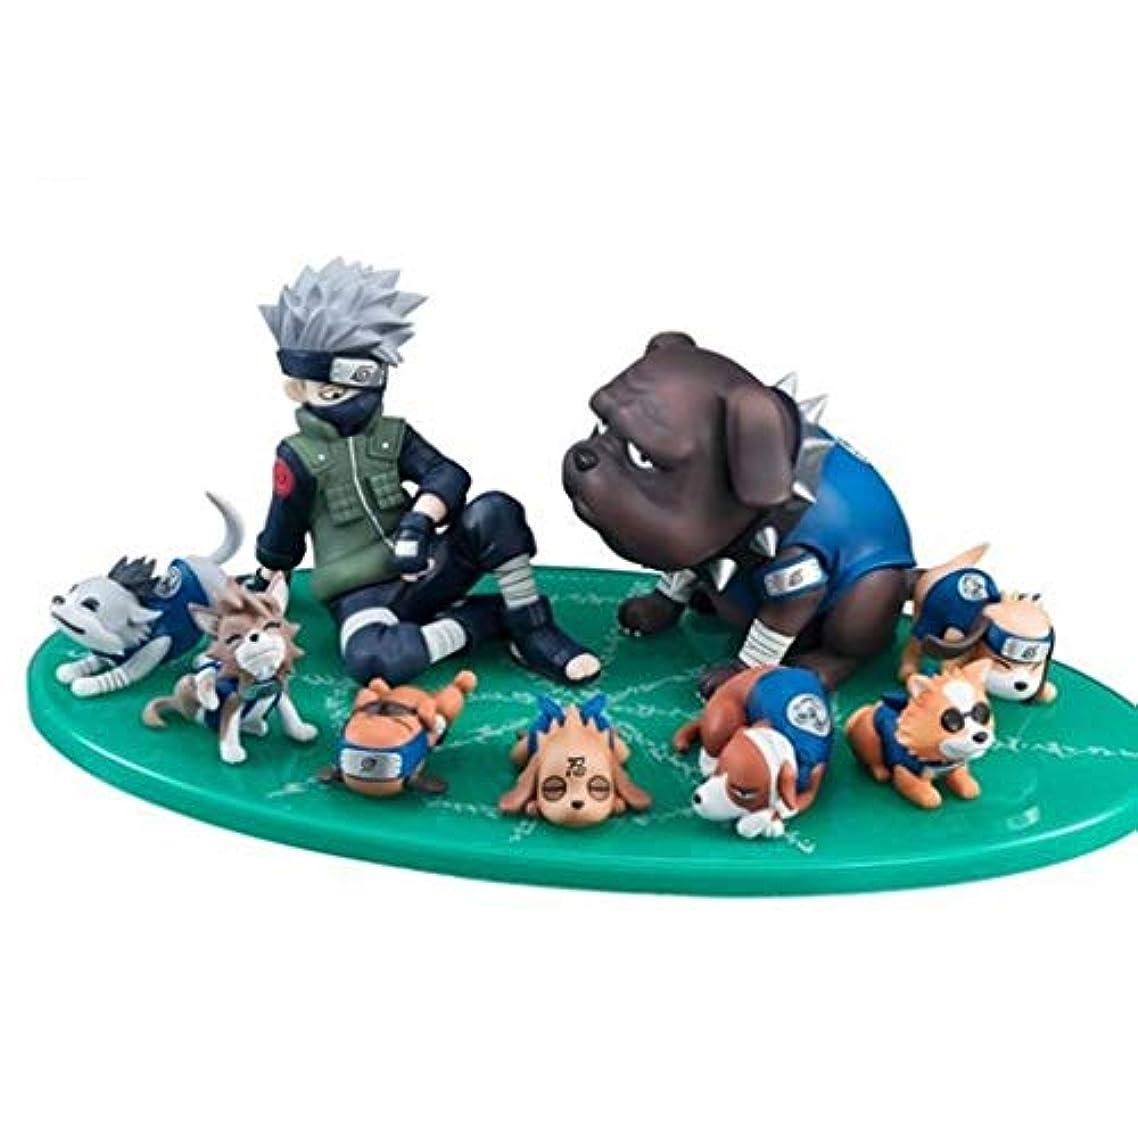 バイバイクリップ収容するカカシと子犬、フィギュア玩具コレクション像漫画のキャラクター、アニメナルトモデル、アニメ装飾キャラクター彫刻(9cm) SHWSM